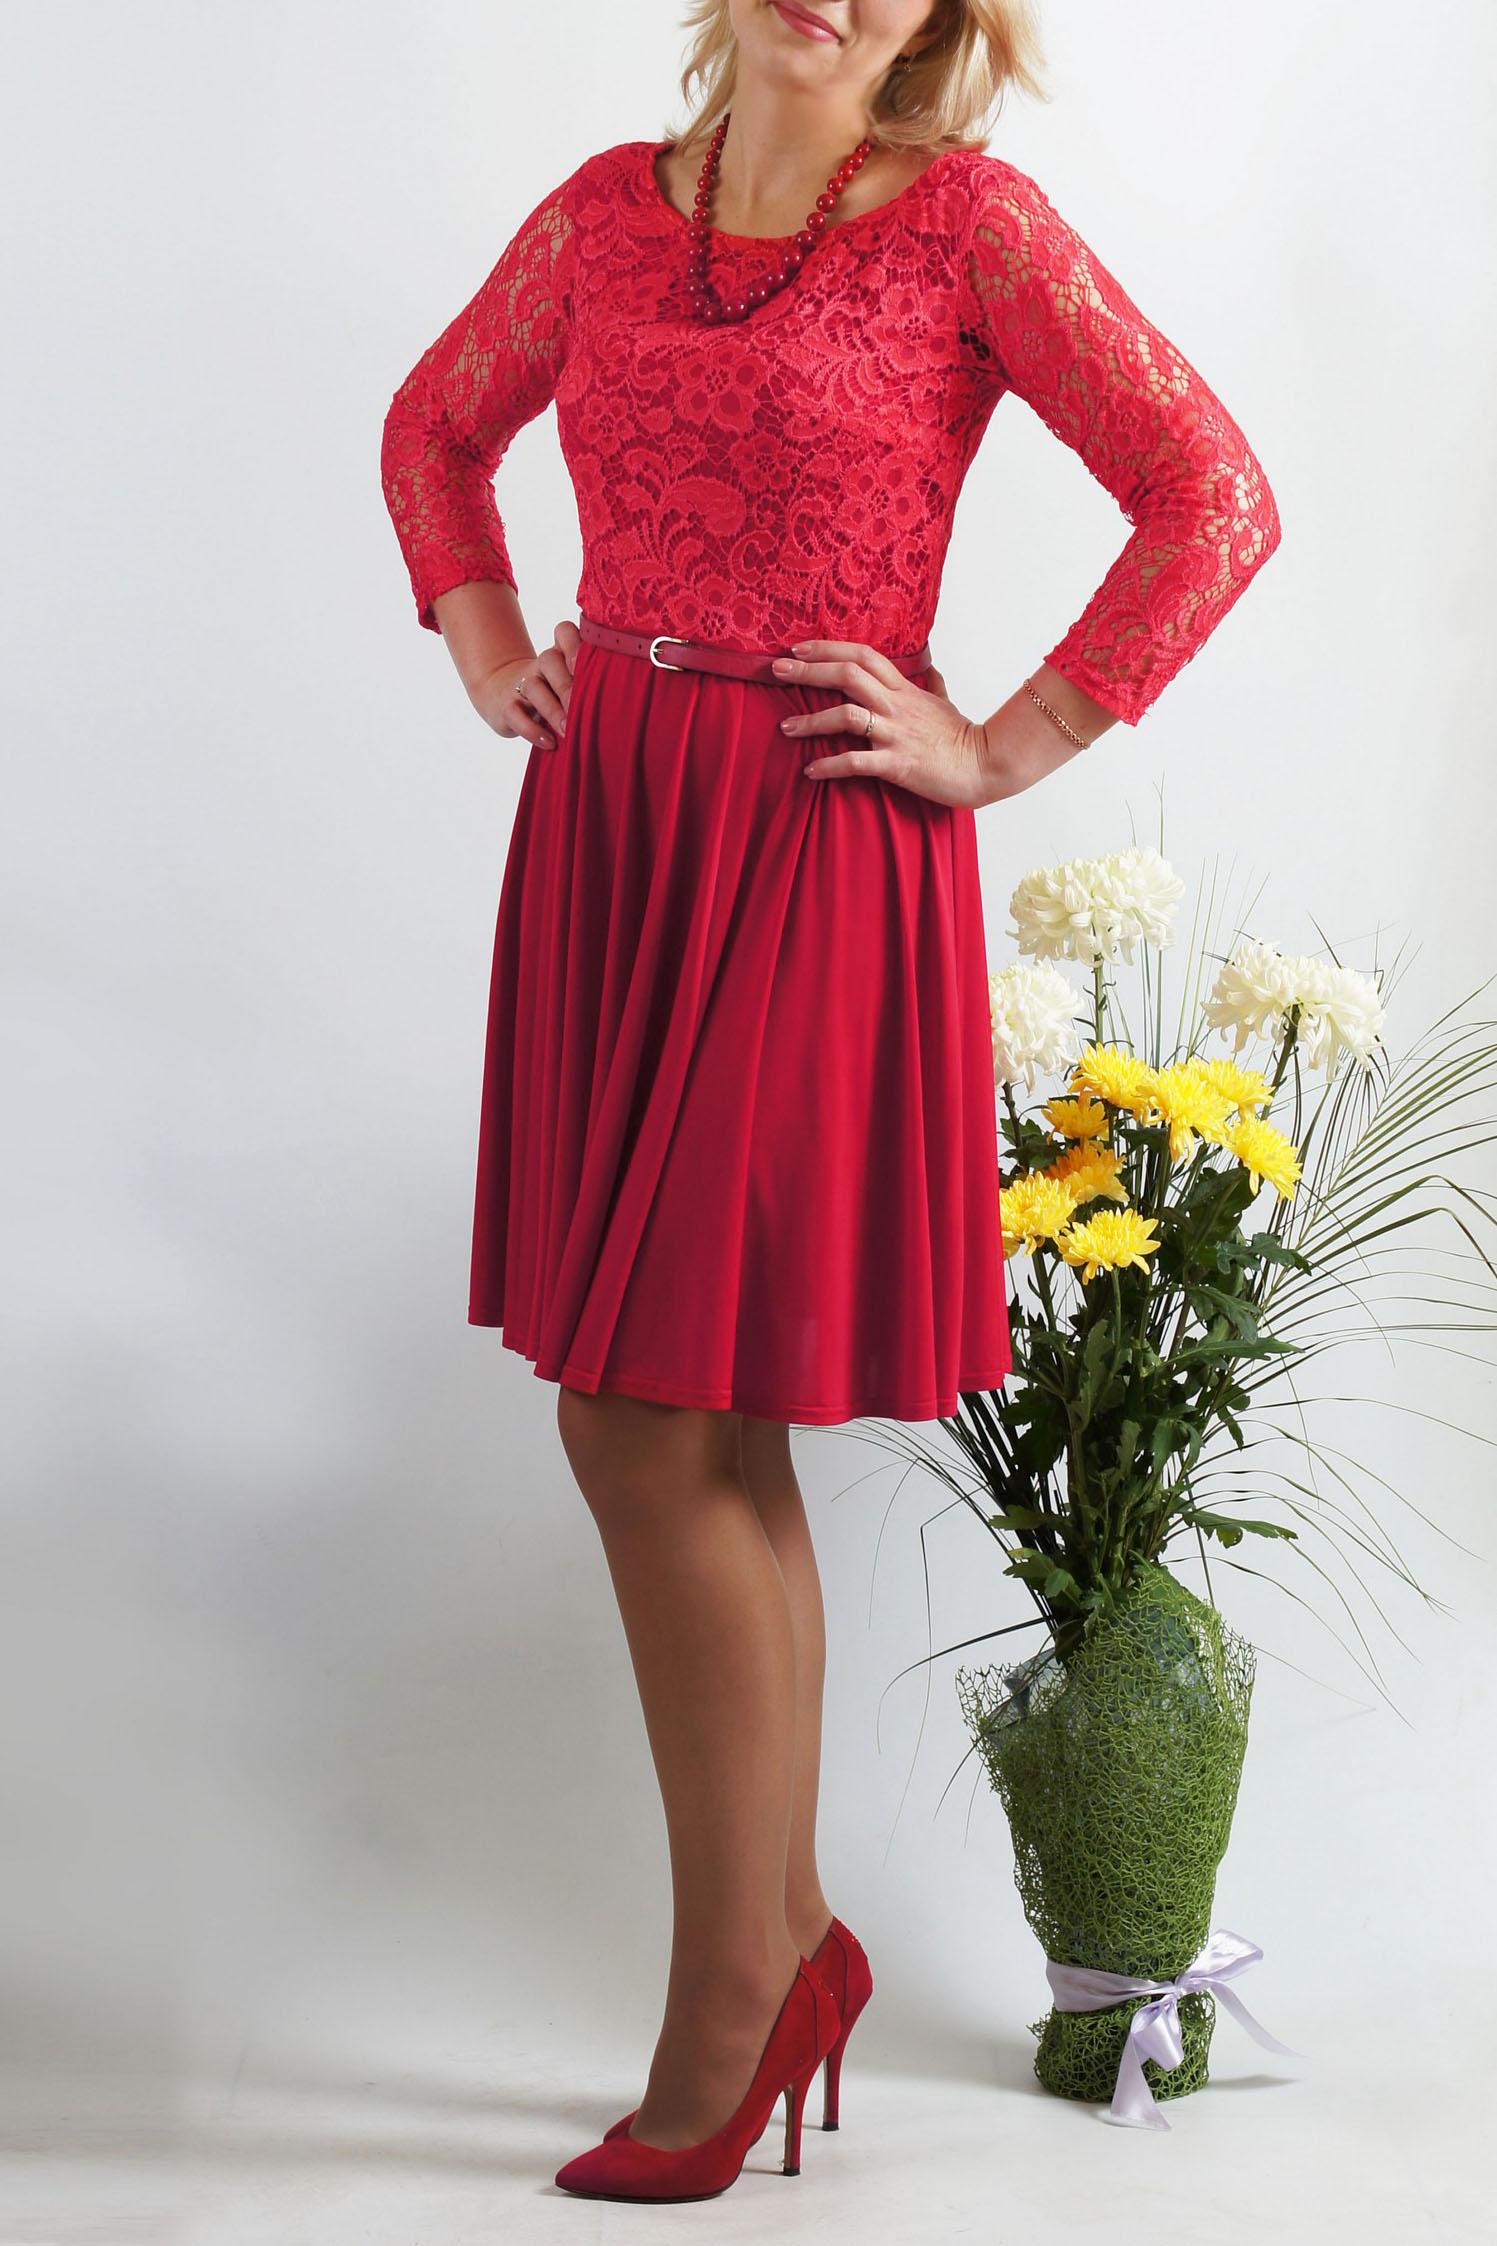 ПлатьеПлатья<br>Классическое платье для торжеств - верх выполнен из кружева, юбка солнце-клеш из струящегося трикотажа. Платье без пояса.  Длина 97 см в 46-48 размерах  Длина 103 см в 50-54 размерах  Цвет: красный  Параметры размеров: 42 размер - обхват груди 84 см., обхват талии 64 см., обхват бедер 92 см. 44 размер - обхват груди 88 см., обхват талии 68 см., обхват бедер 96 см. 46 размер - обхват груди 92 см., обхват талии 72 см., обхват бедер 100 см. 48 размер - обхват груди 96 см., обхват талии 76 см., обхват бедер 104 см. 50 размер - обхват груди 100 см., обхват талии 80 см., обхват бедер 108 см. 52 размер - обхват груди 104 см., обхват талии 85 см., обхват бедер 112 см. 54 размер - обхват груди 108 см., обхват талии 89 см., обхват бедер 116 см. 56 размер - обхват груди 112 см., обхват талии 94 см., обхват бедер 120 см. 58 размер - обхват груди 116 см., обхват талии 100 см., обхват бедер 124 см.  Ростовка изделия 167-173 см.<br><br>Горловина: С- горловина<br>По длине: До колена<br>По материалу: Гипюр,Трикотаж<br>По рисунку: Однотонные,Фактурный рисунок<br>По сезону: Весна,Зима,Лето,Осень,Всесезон<br>По силуэту: Приталенные<br>По стилю: Нарядный стиль,Вечерний стиль<br>По форме: Платье - трапеция<br>Рукав: Длинный рукав<br>Размер : 46,48,50<br>Материал: Холодное масло + Гипюр<br>Количество в наличии: 3